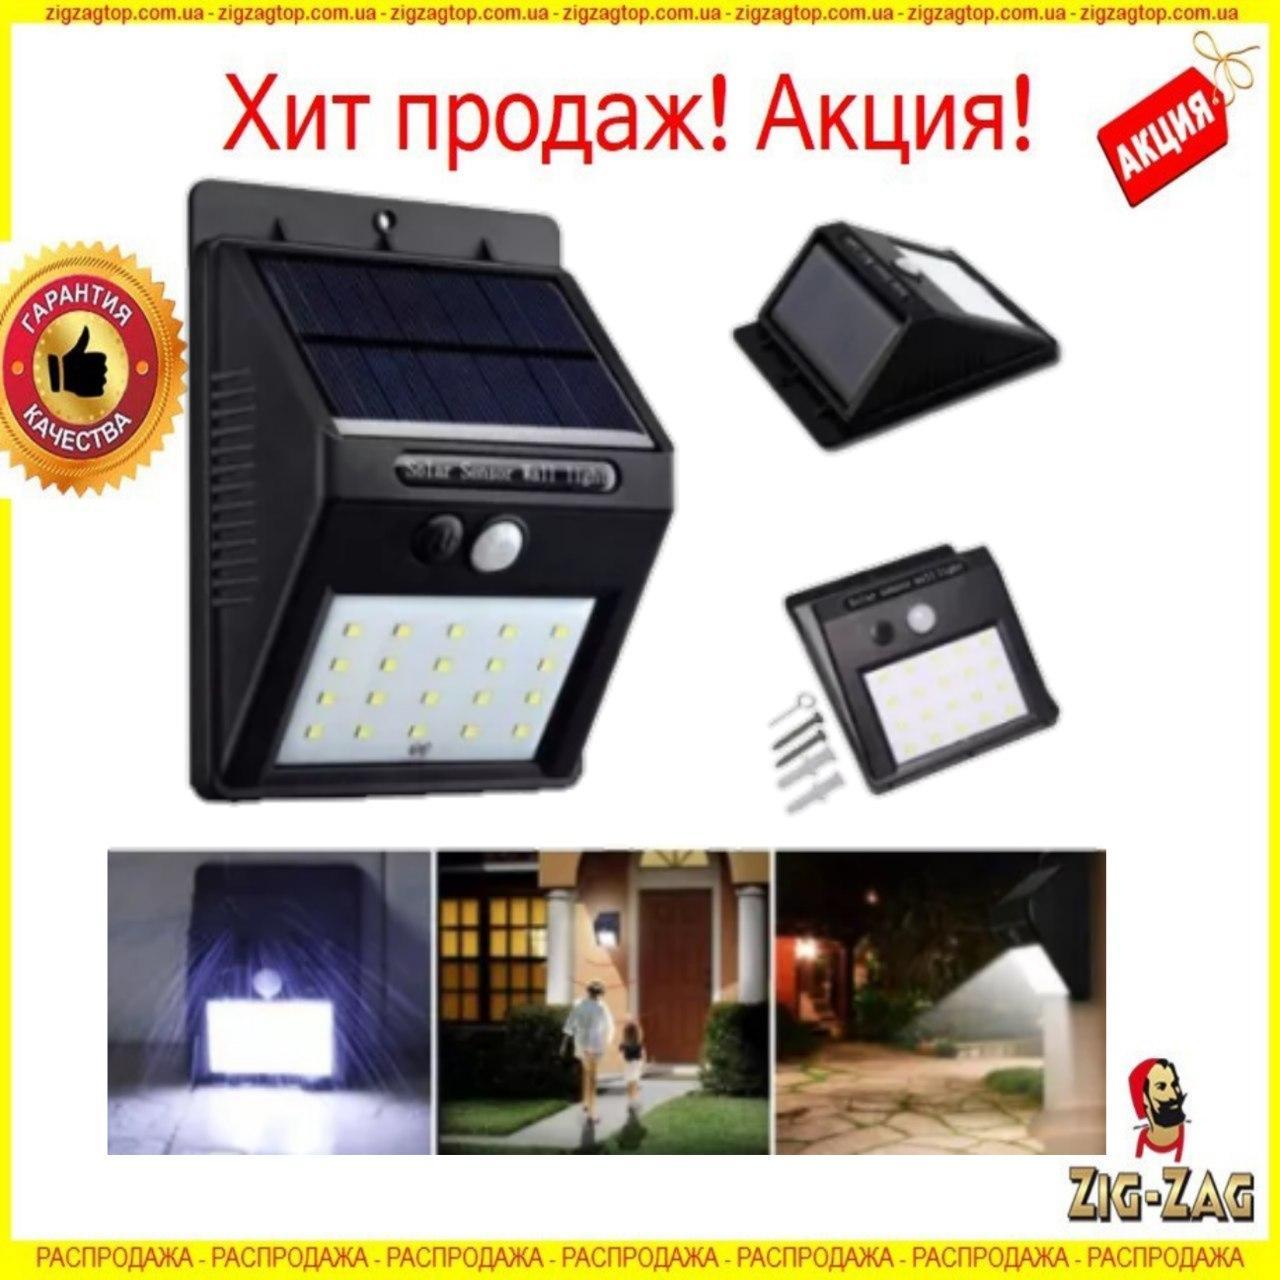 Навесной Уличный фонарь на Солнечной Батарее 609 solar 20 диодов с Аккумулятором и датчиком Движения для Дачи